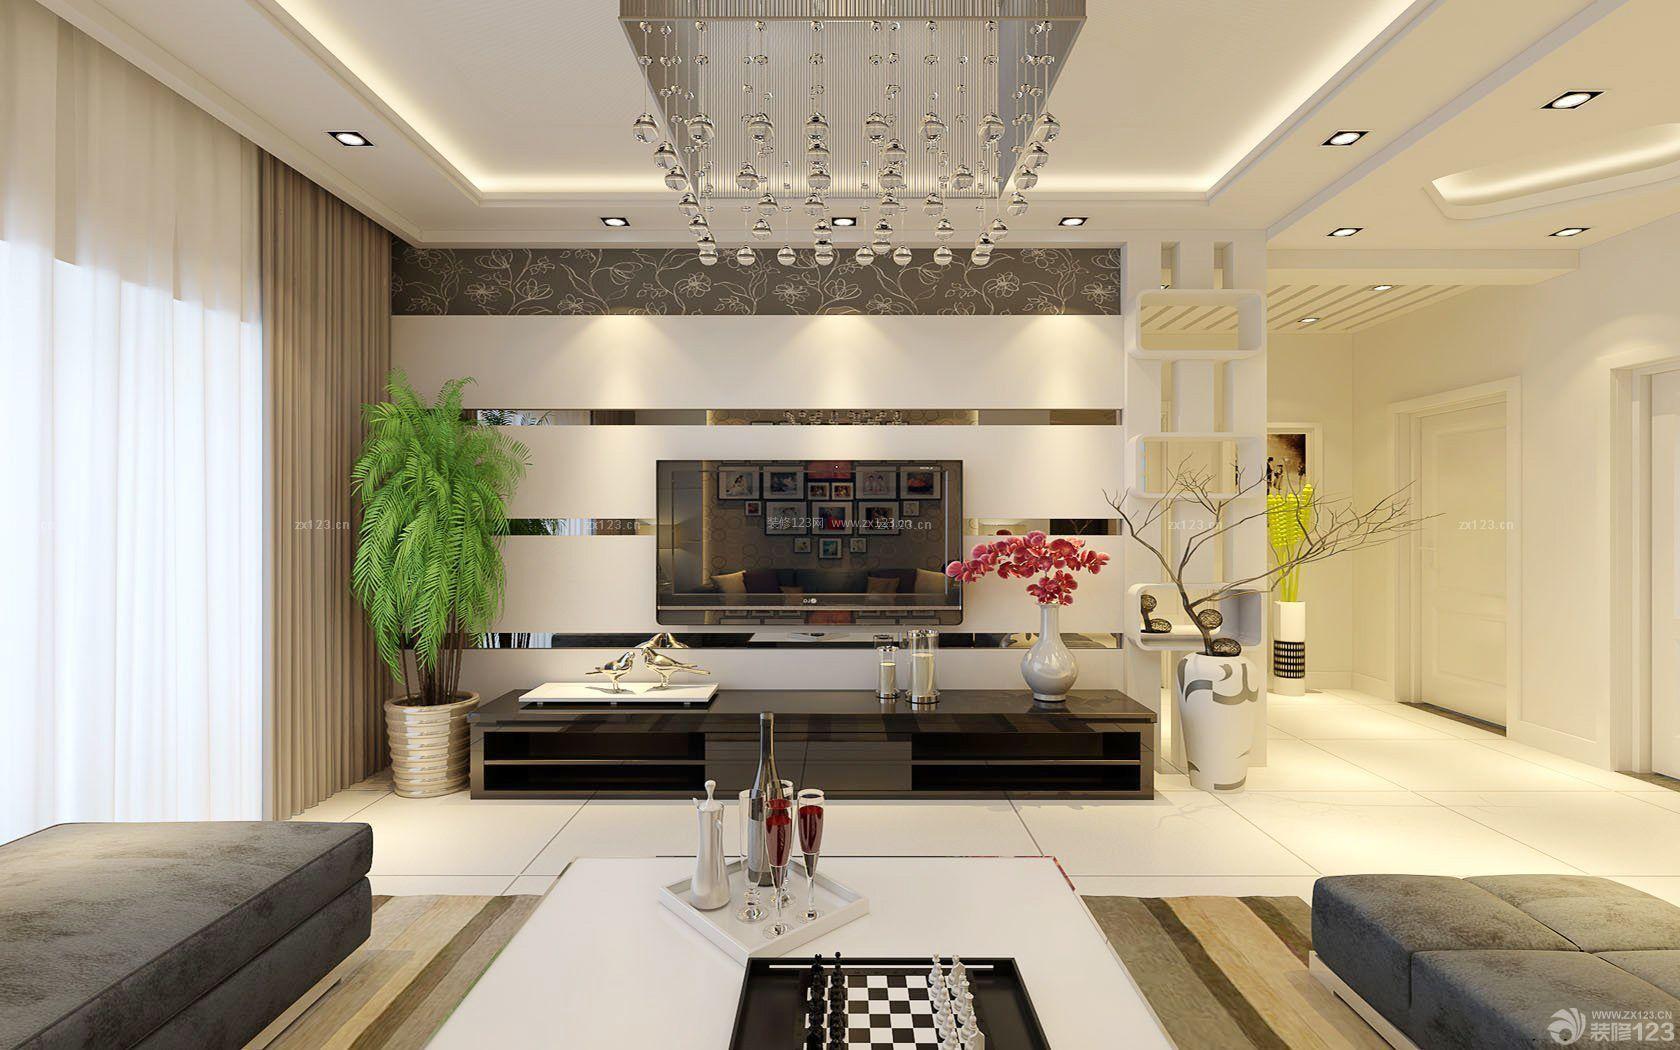 70平米两室一厅石膏板电视背景墙装修效果图